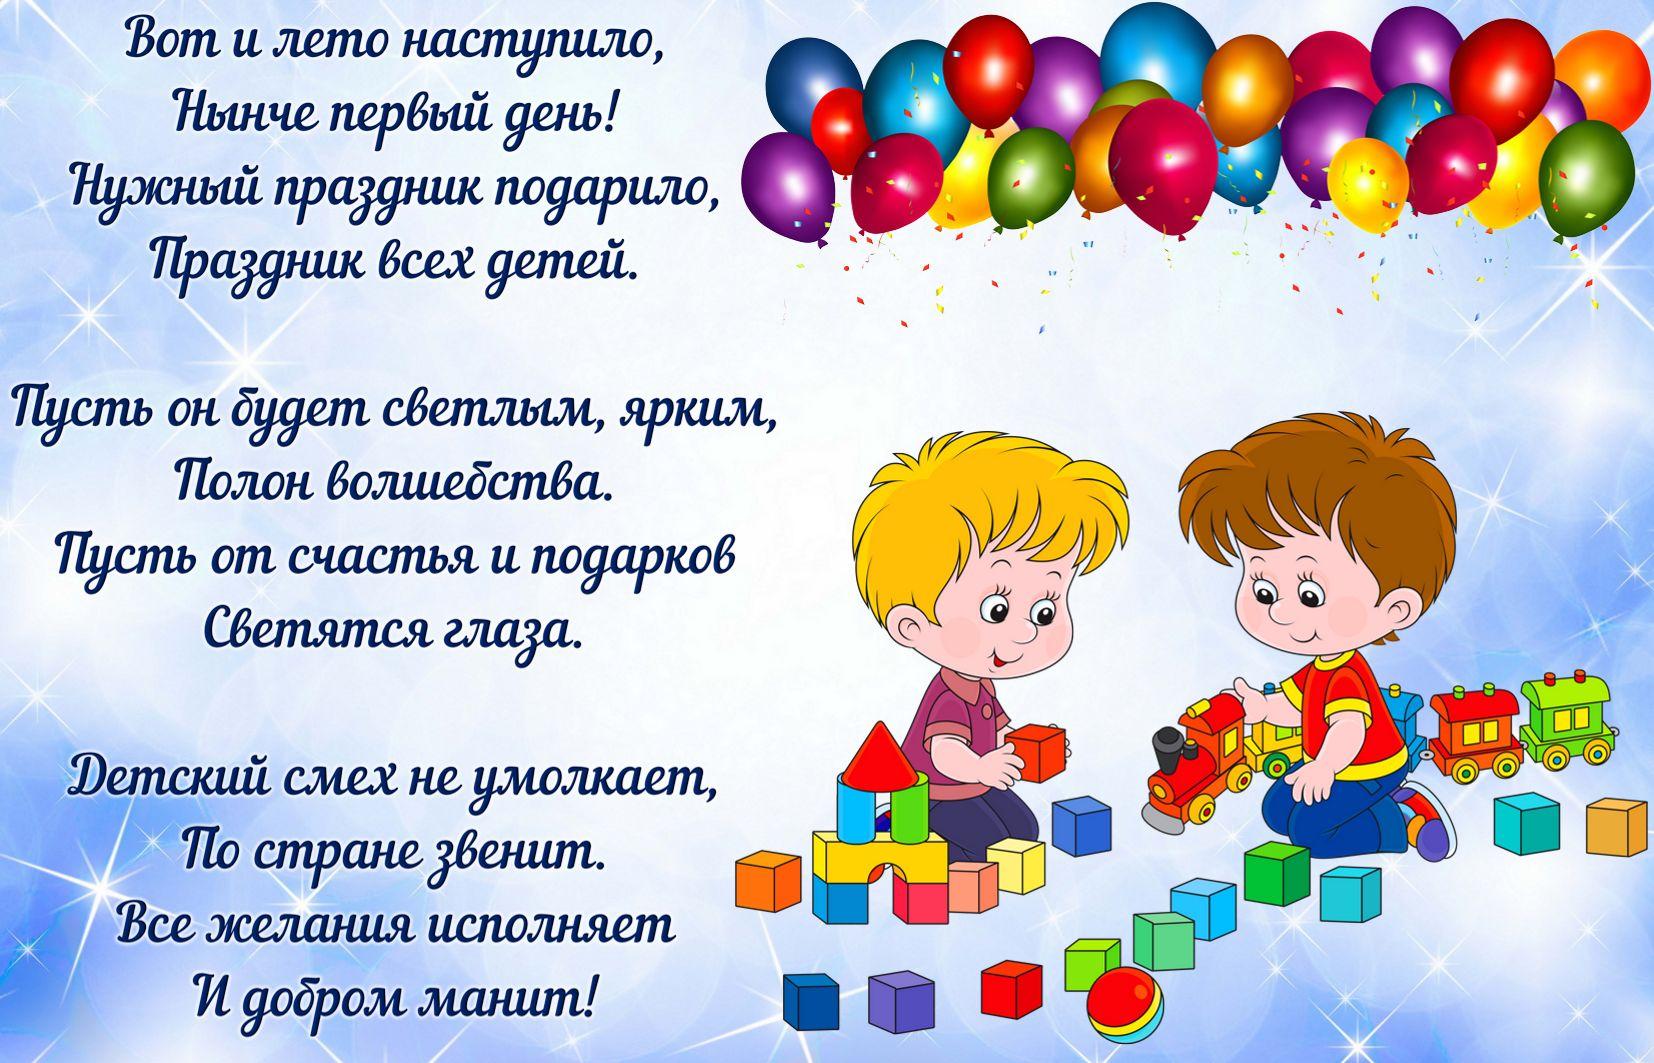 Открытка на День защиты детей - пожелание в стихах и играющие дети